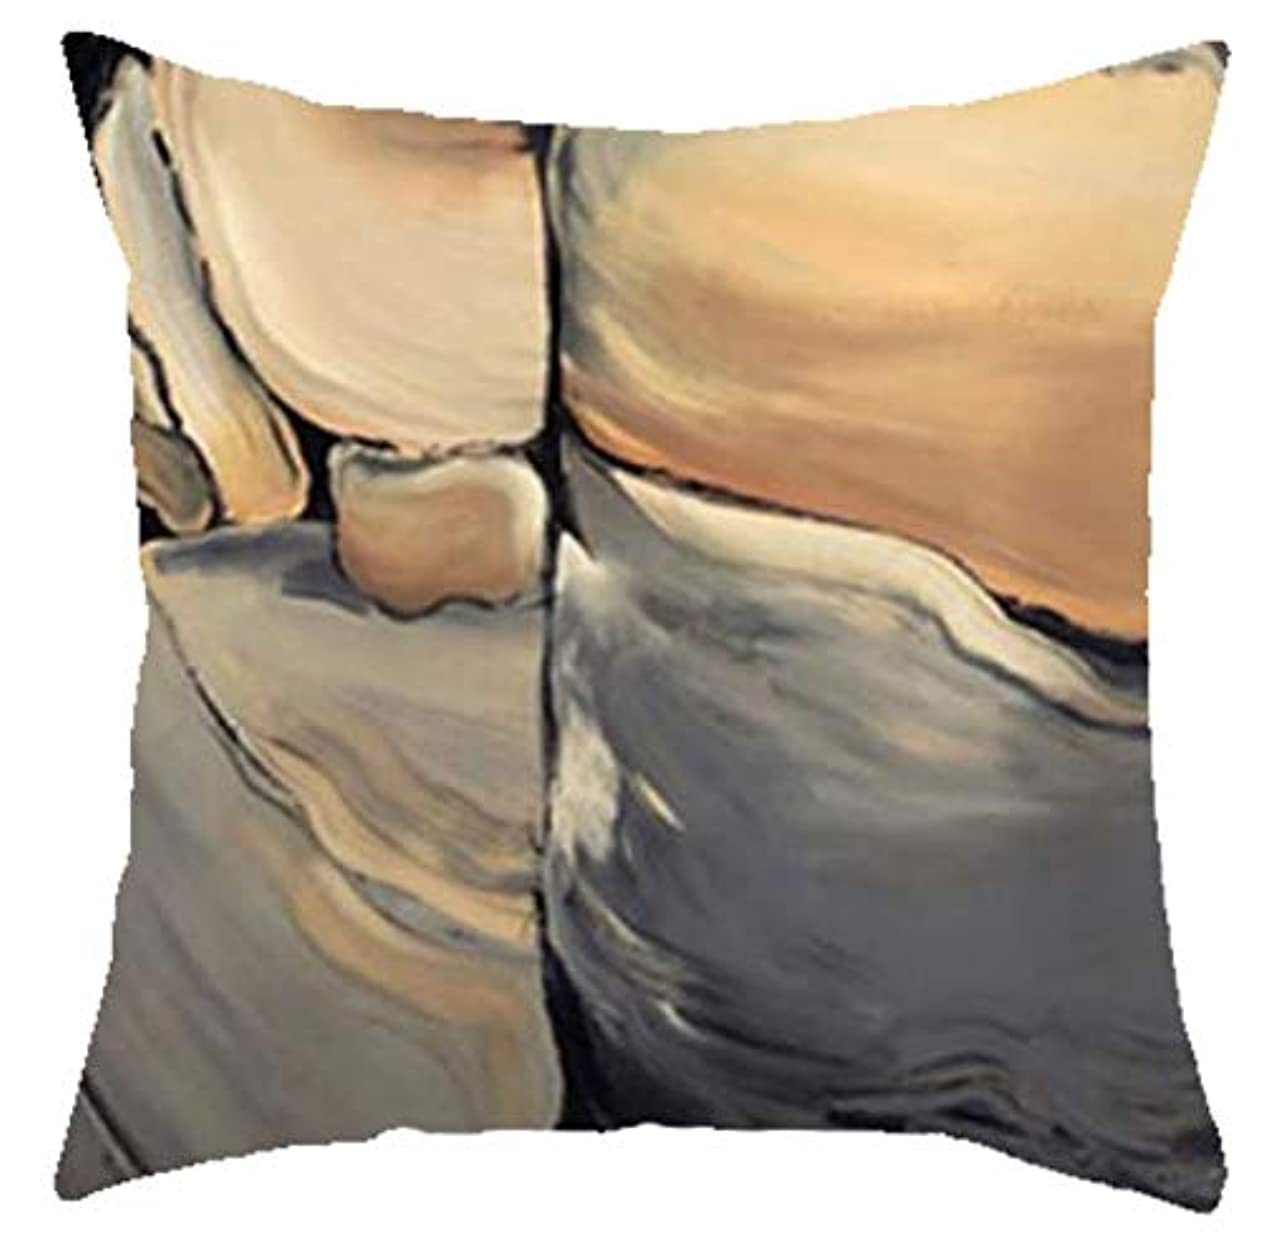 屋内でバイアスオーバードローLIFE 新入荷幾何学模様スロー枕クリエイティブ抽象大理石クッション手塗りの山の森リビングルームのソファ クッション 椅子